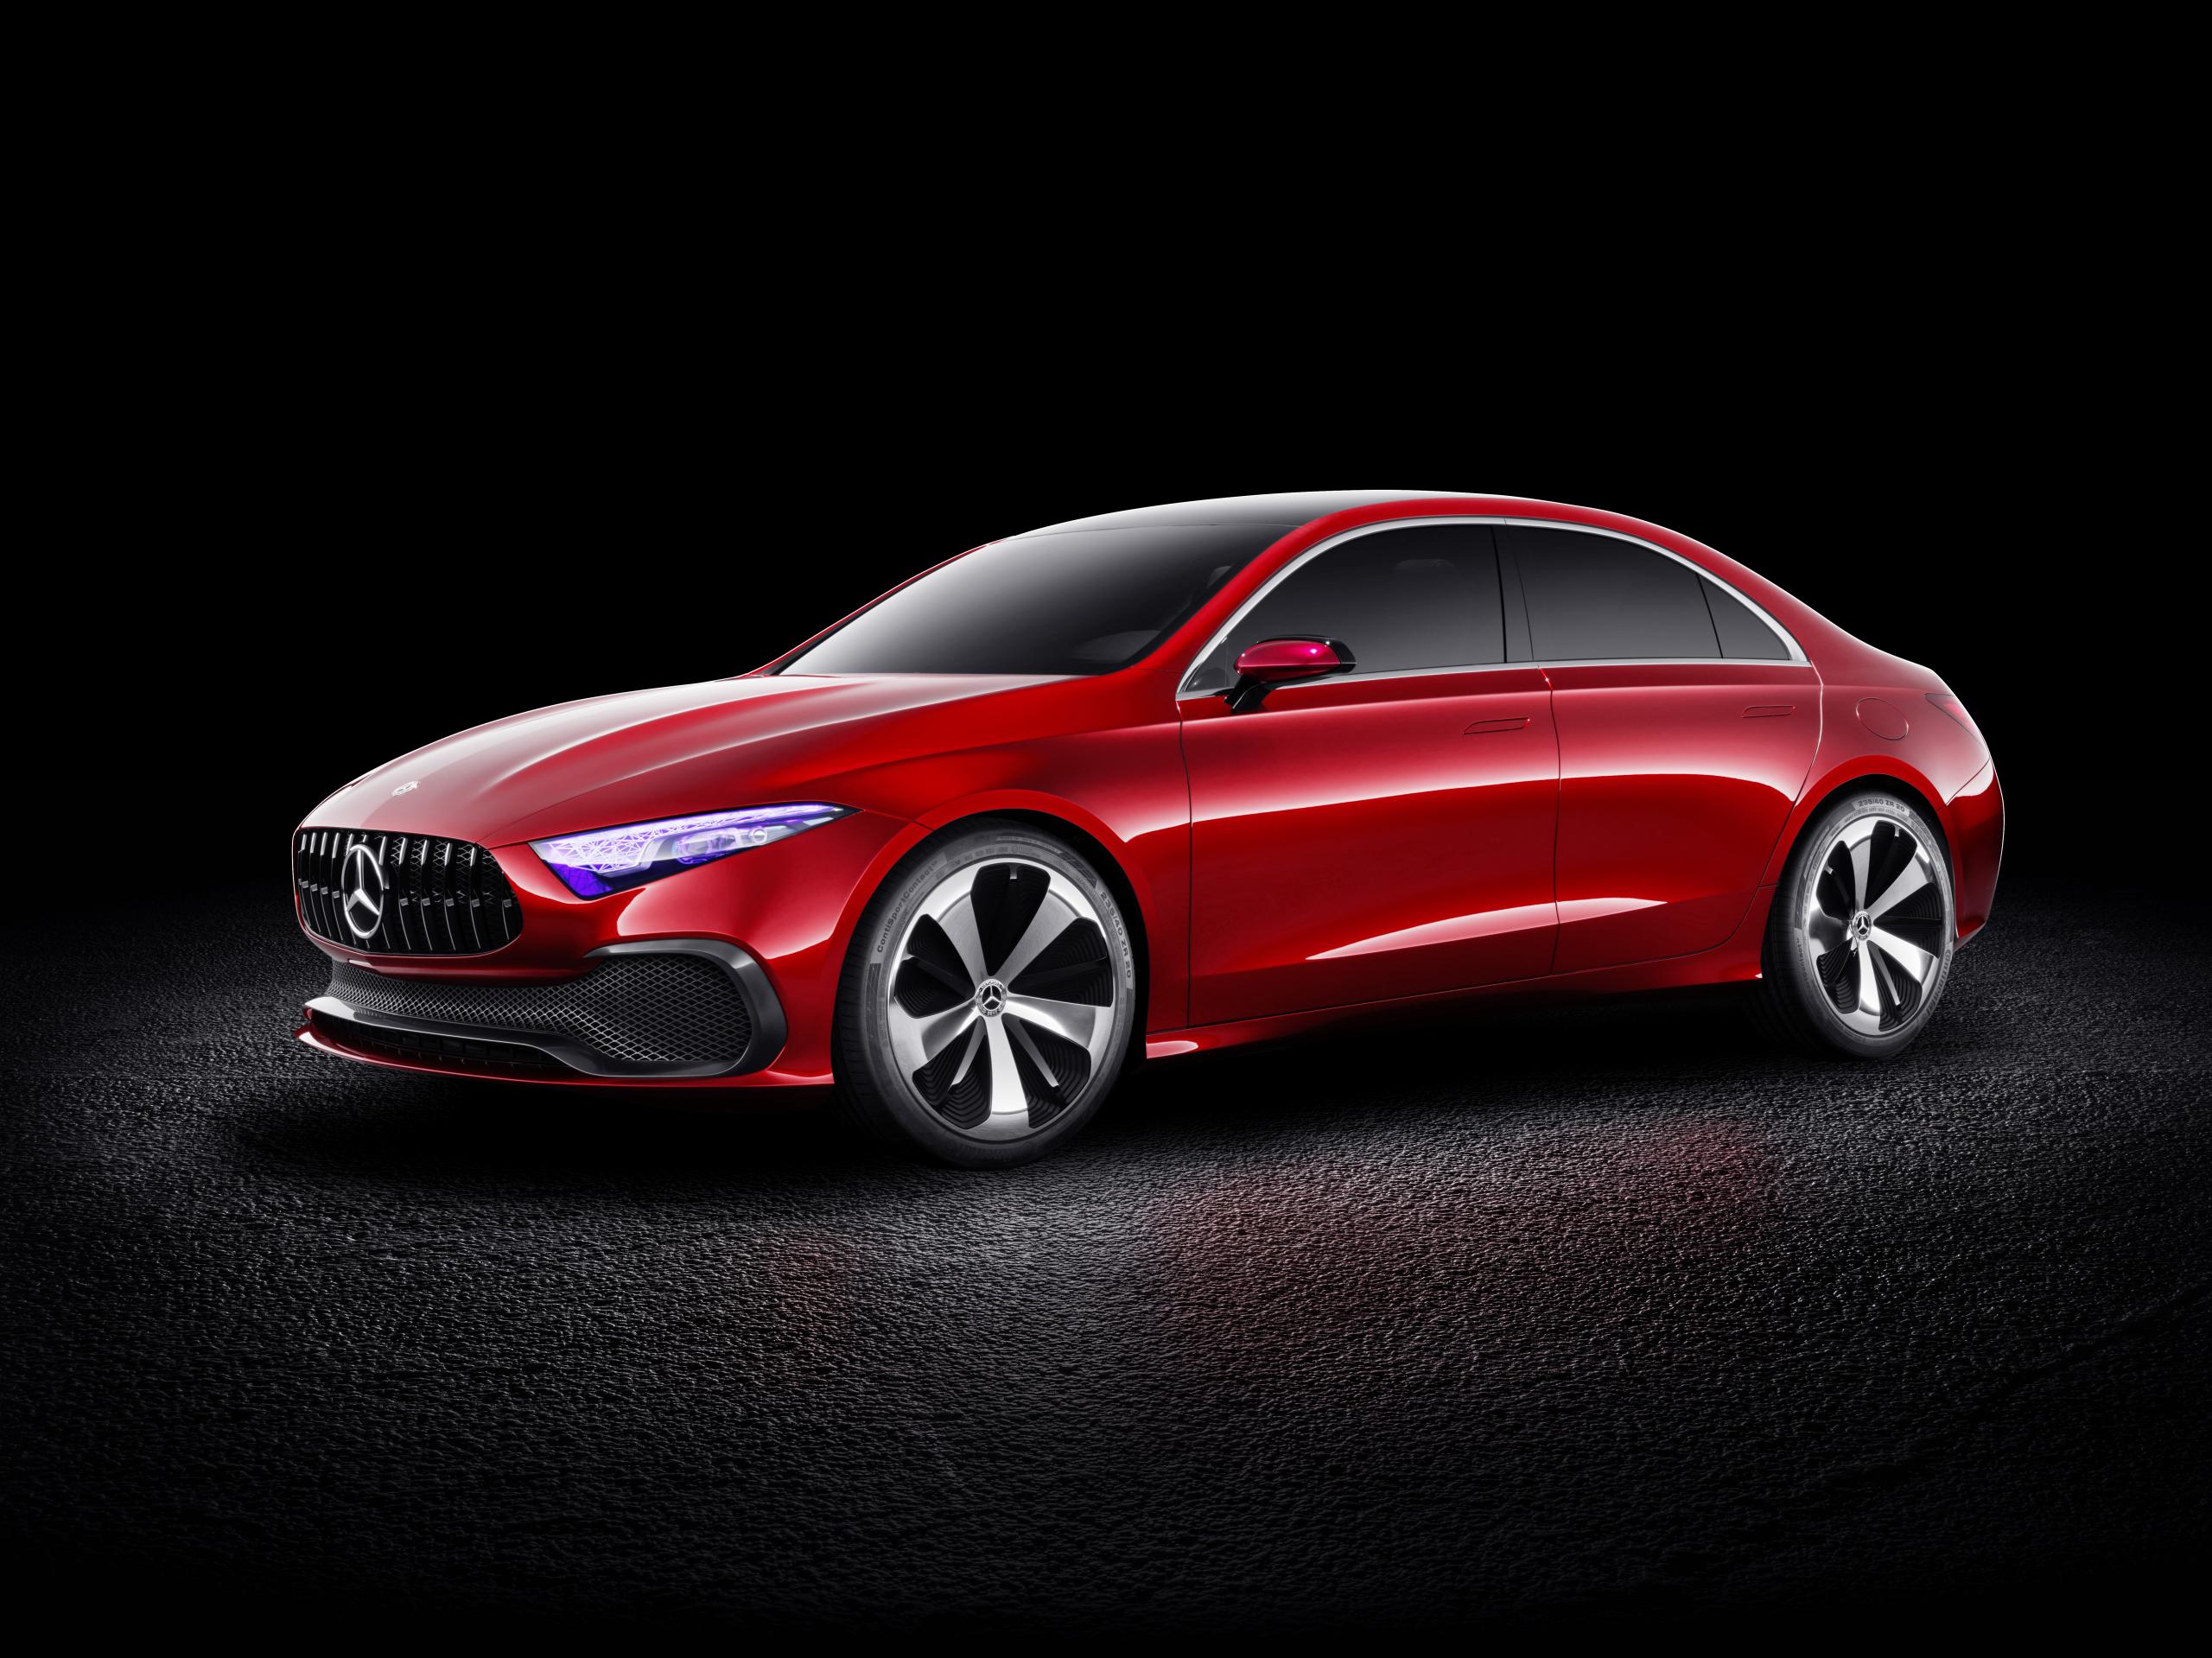 Mercedes-Benz Concept A Sedan front